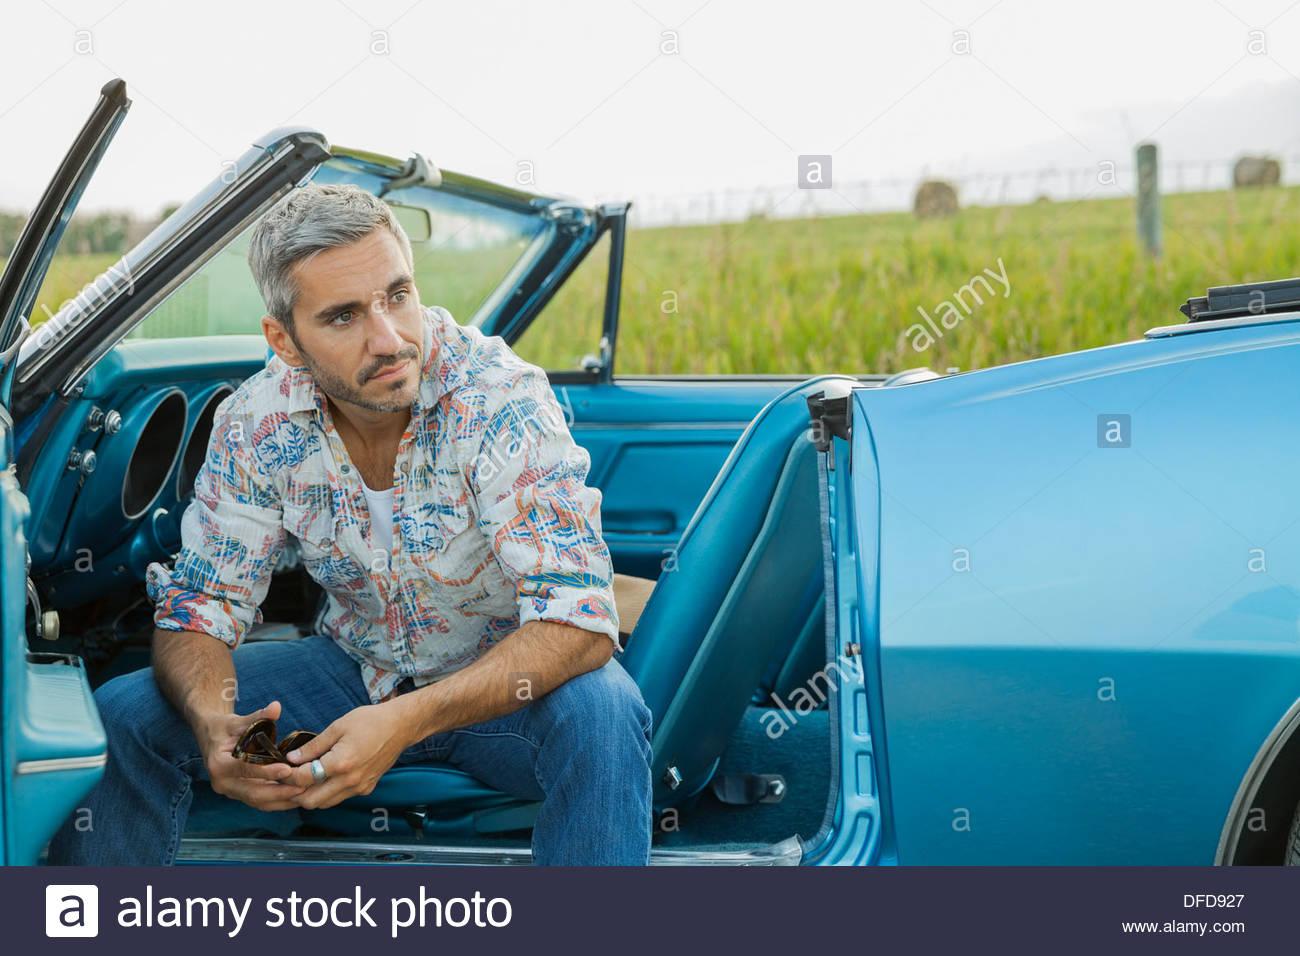 Mitad hombre adulto sentado en convertible Imagen De Stock